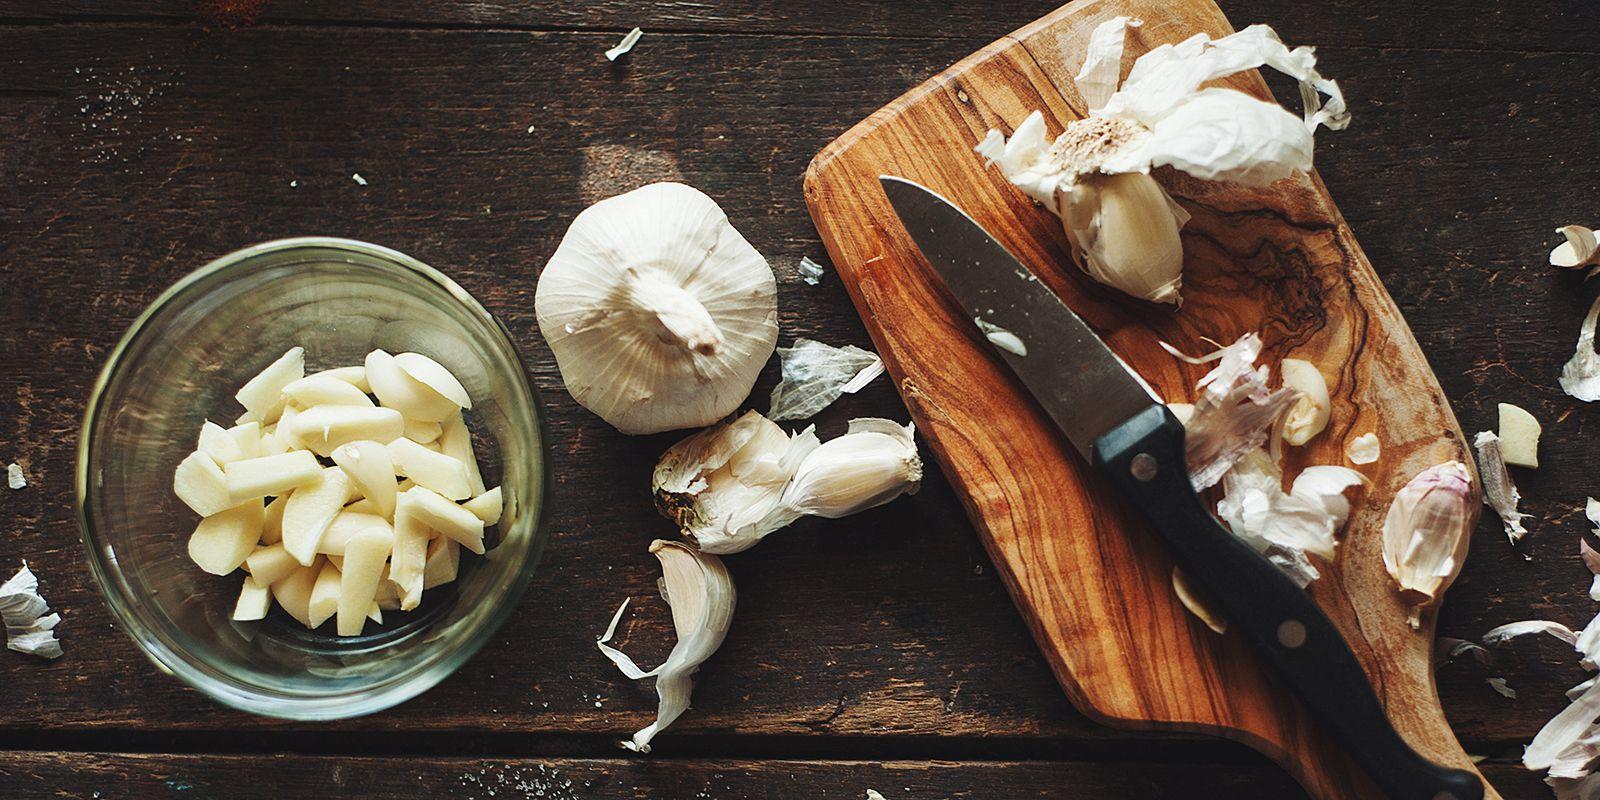 5 điều chuyên gia dinh dưỡng hay làm trong mùa Đông để khỏe mạnh hơn - Ảnh 1